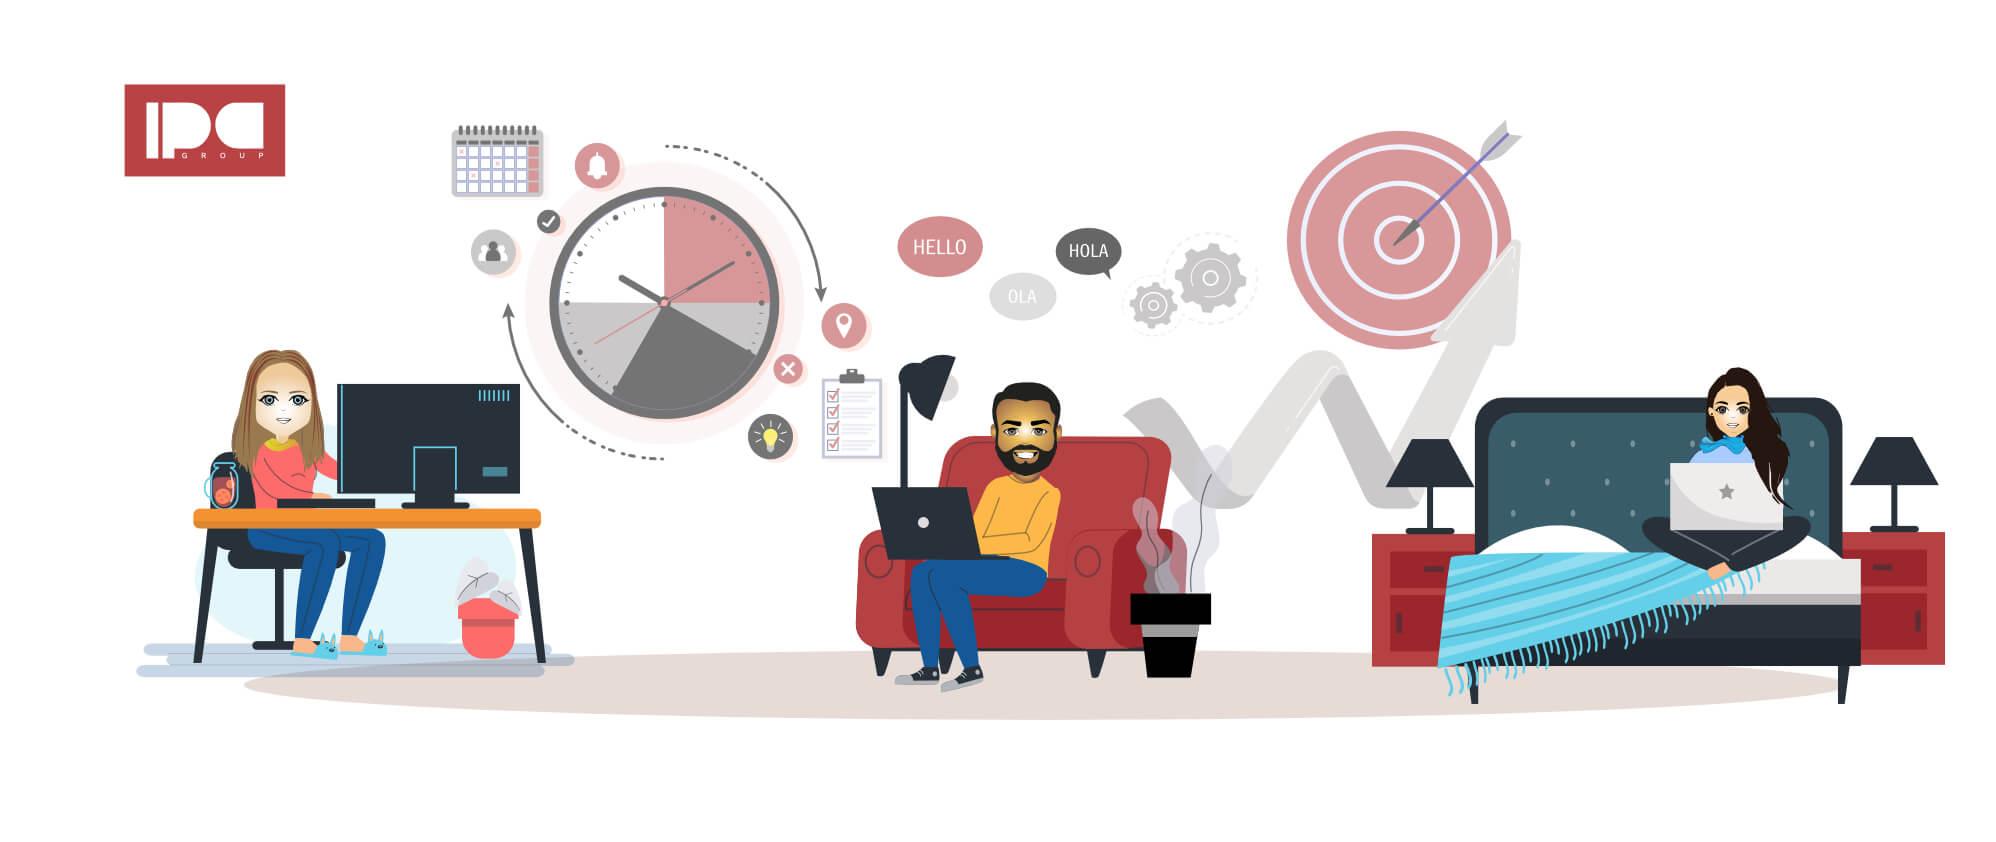 Protocolo de juntas webinars y entrevistas de trabajo remoto